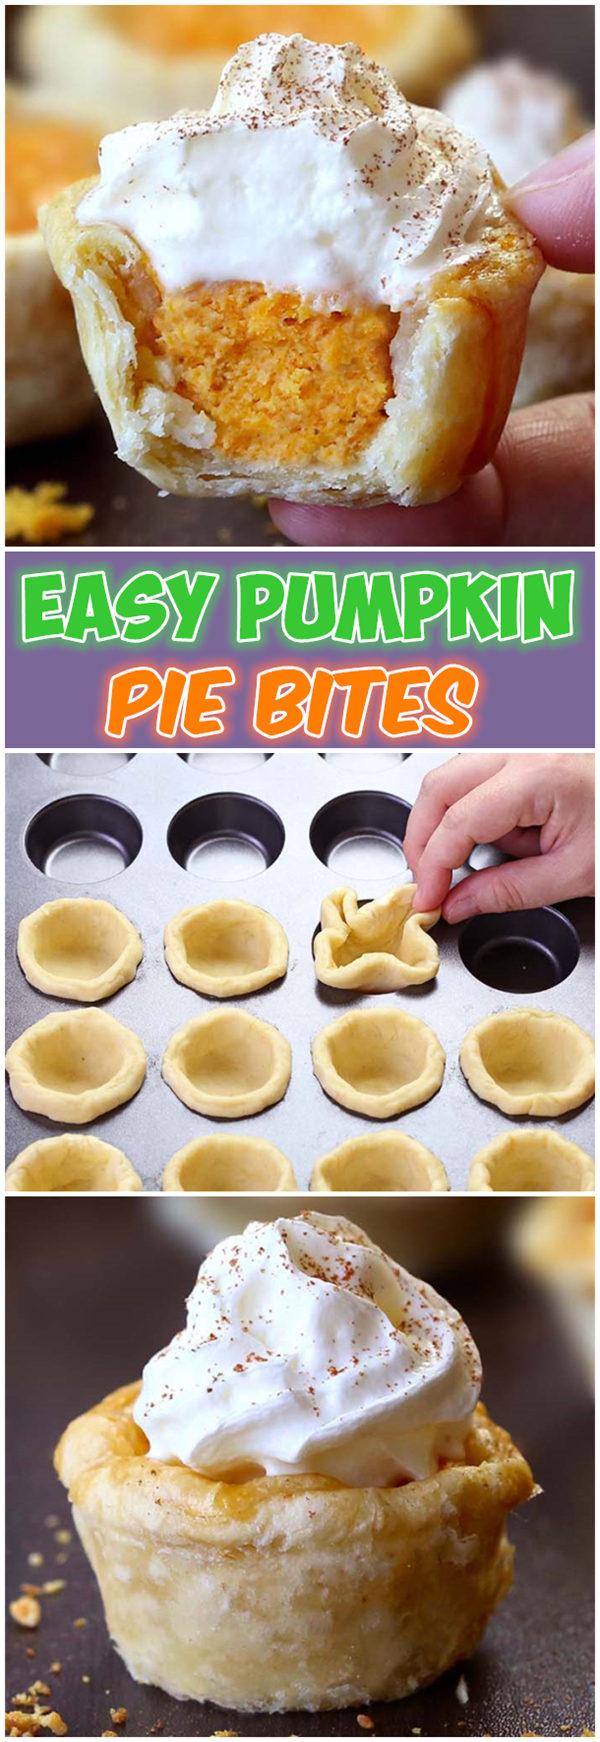 Easy Pumpkin Pie Bites